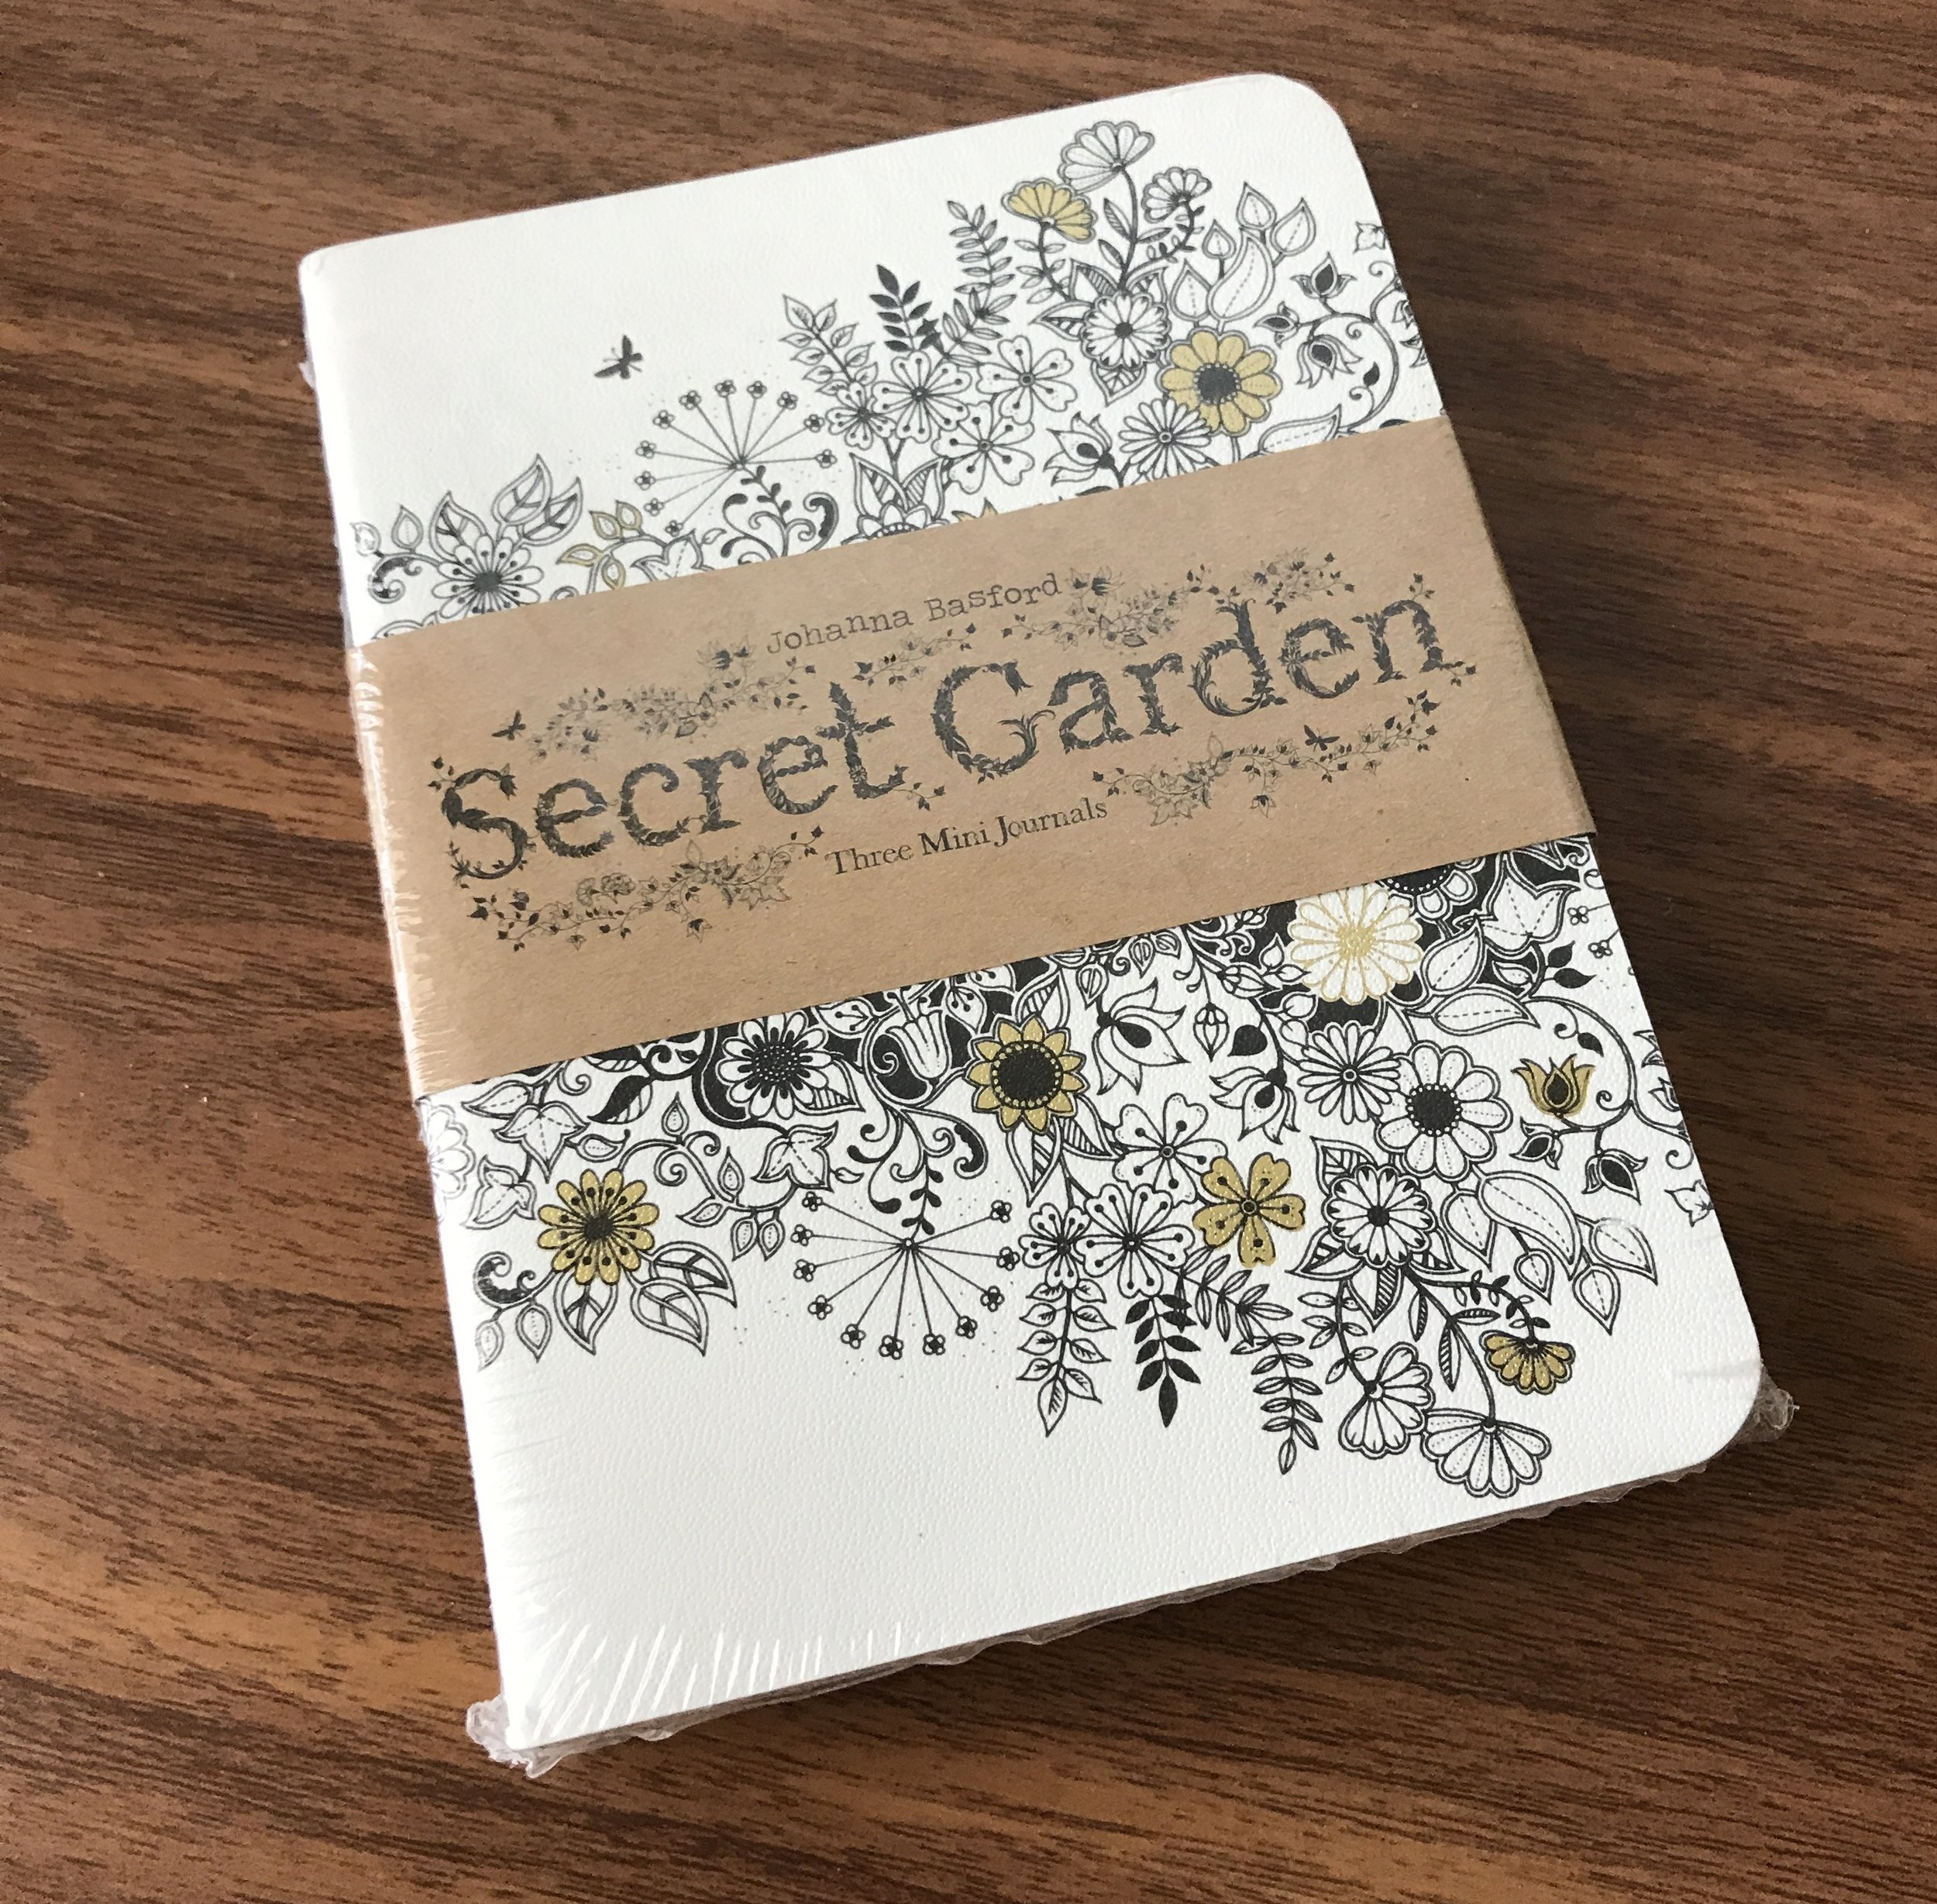 Johanna-Basford-Secret-Garden